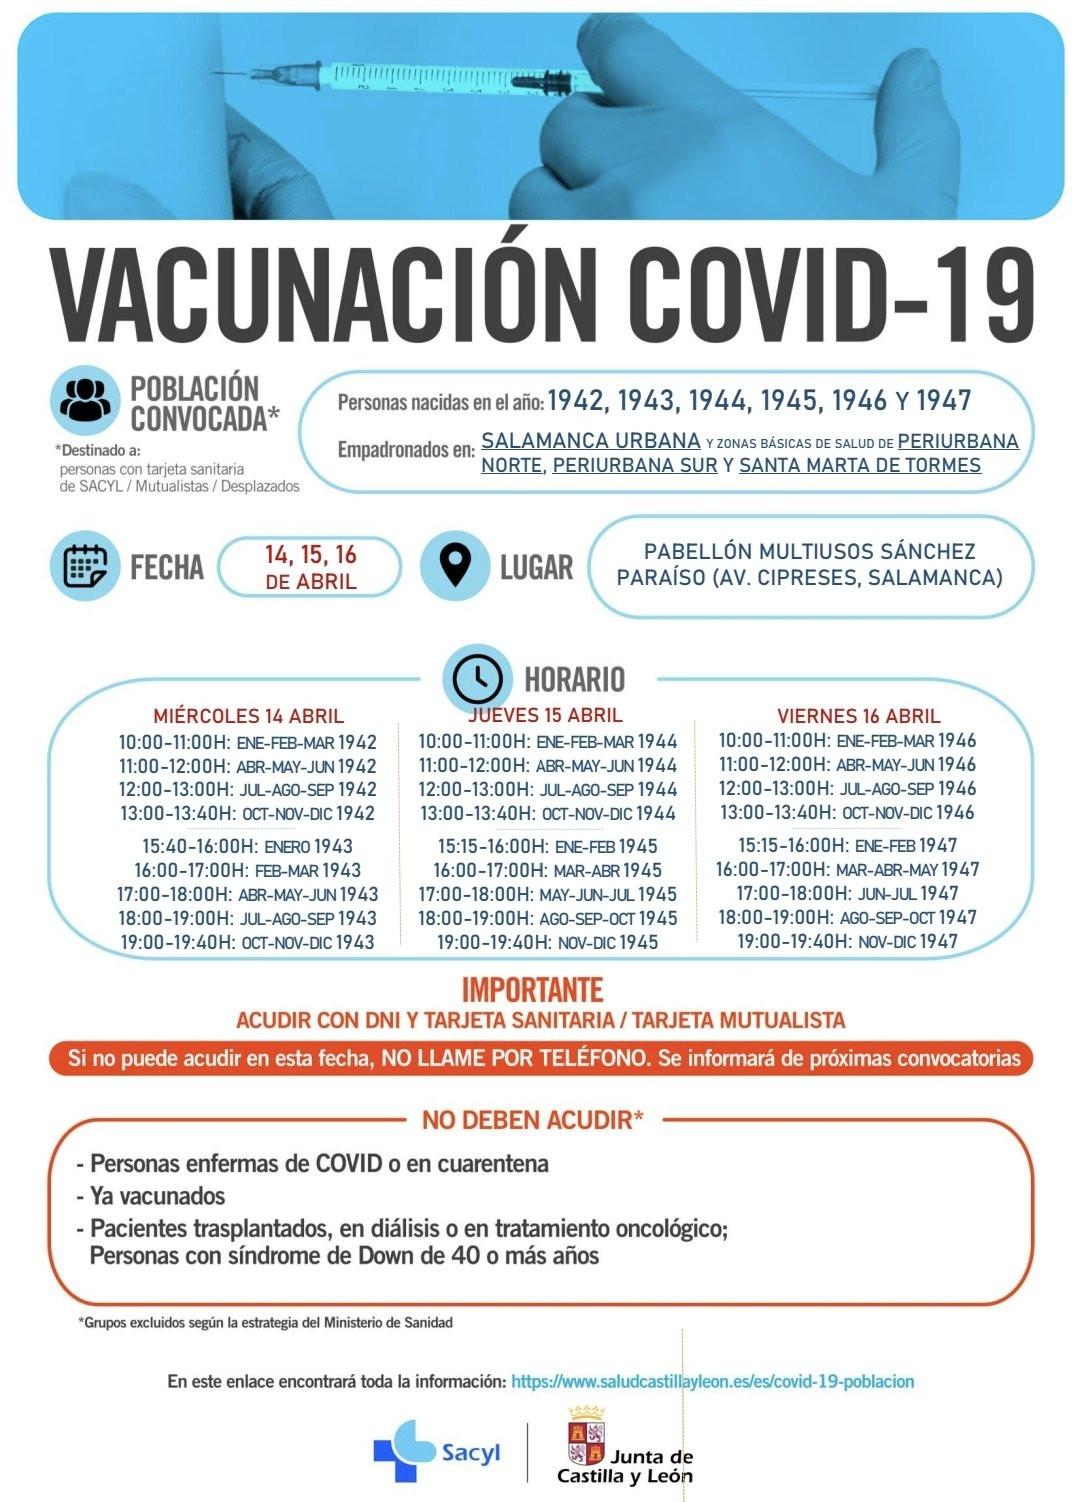 Vacunación en Salamanca miércoles 14 de abril